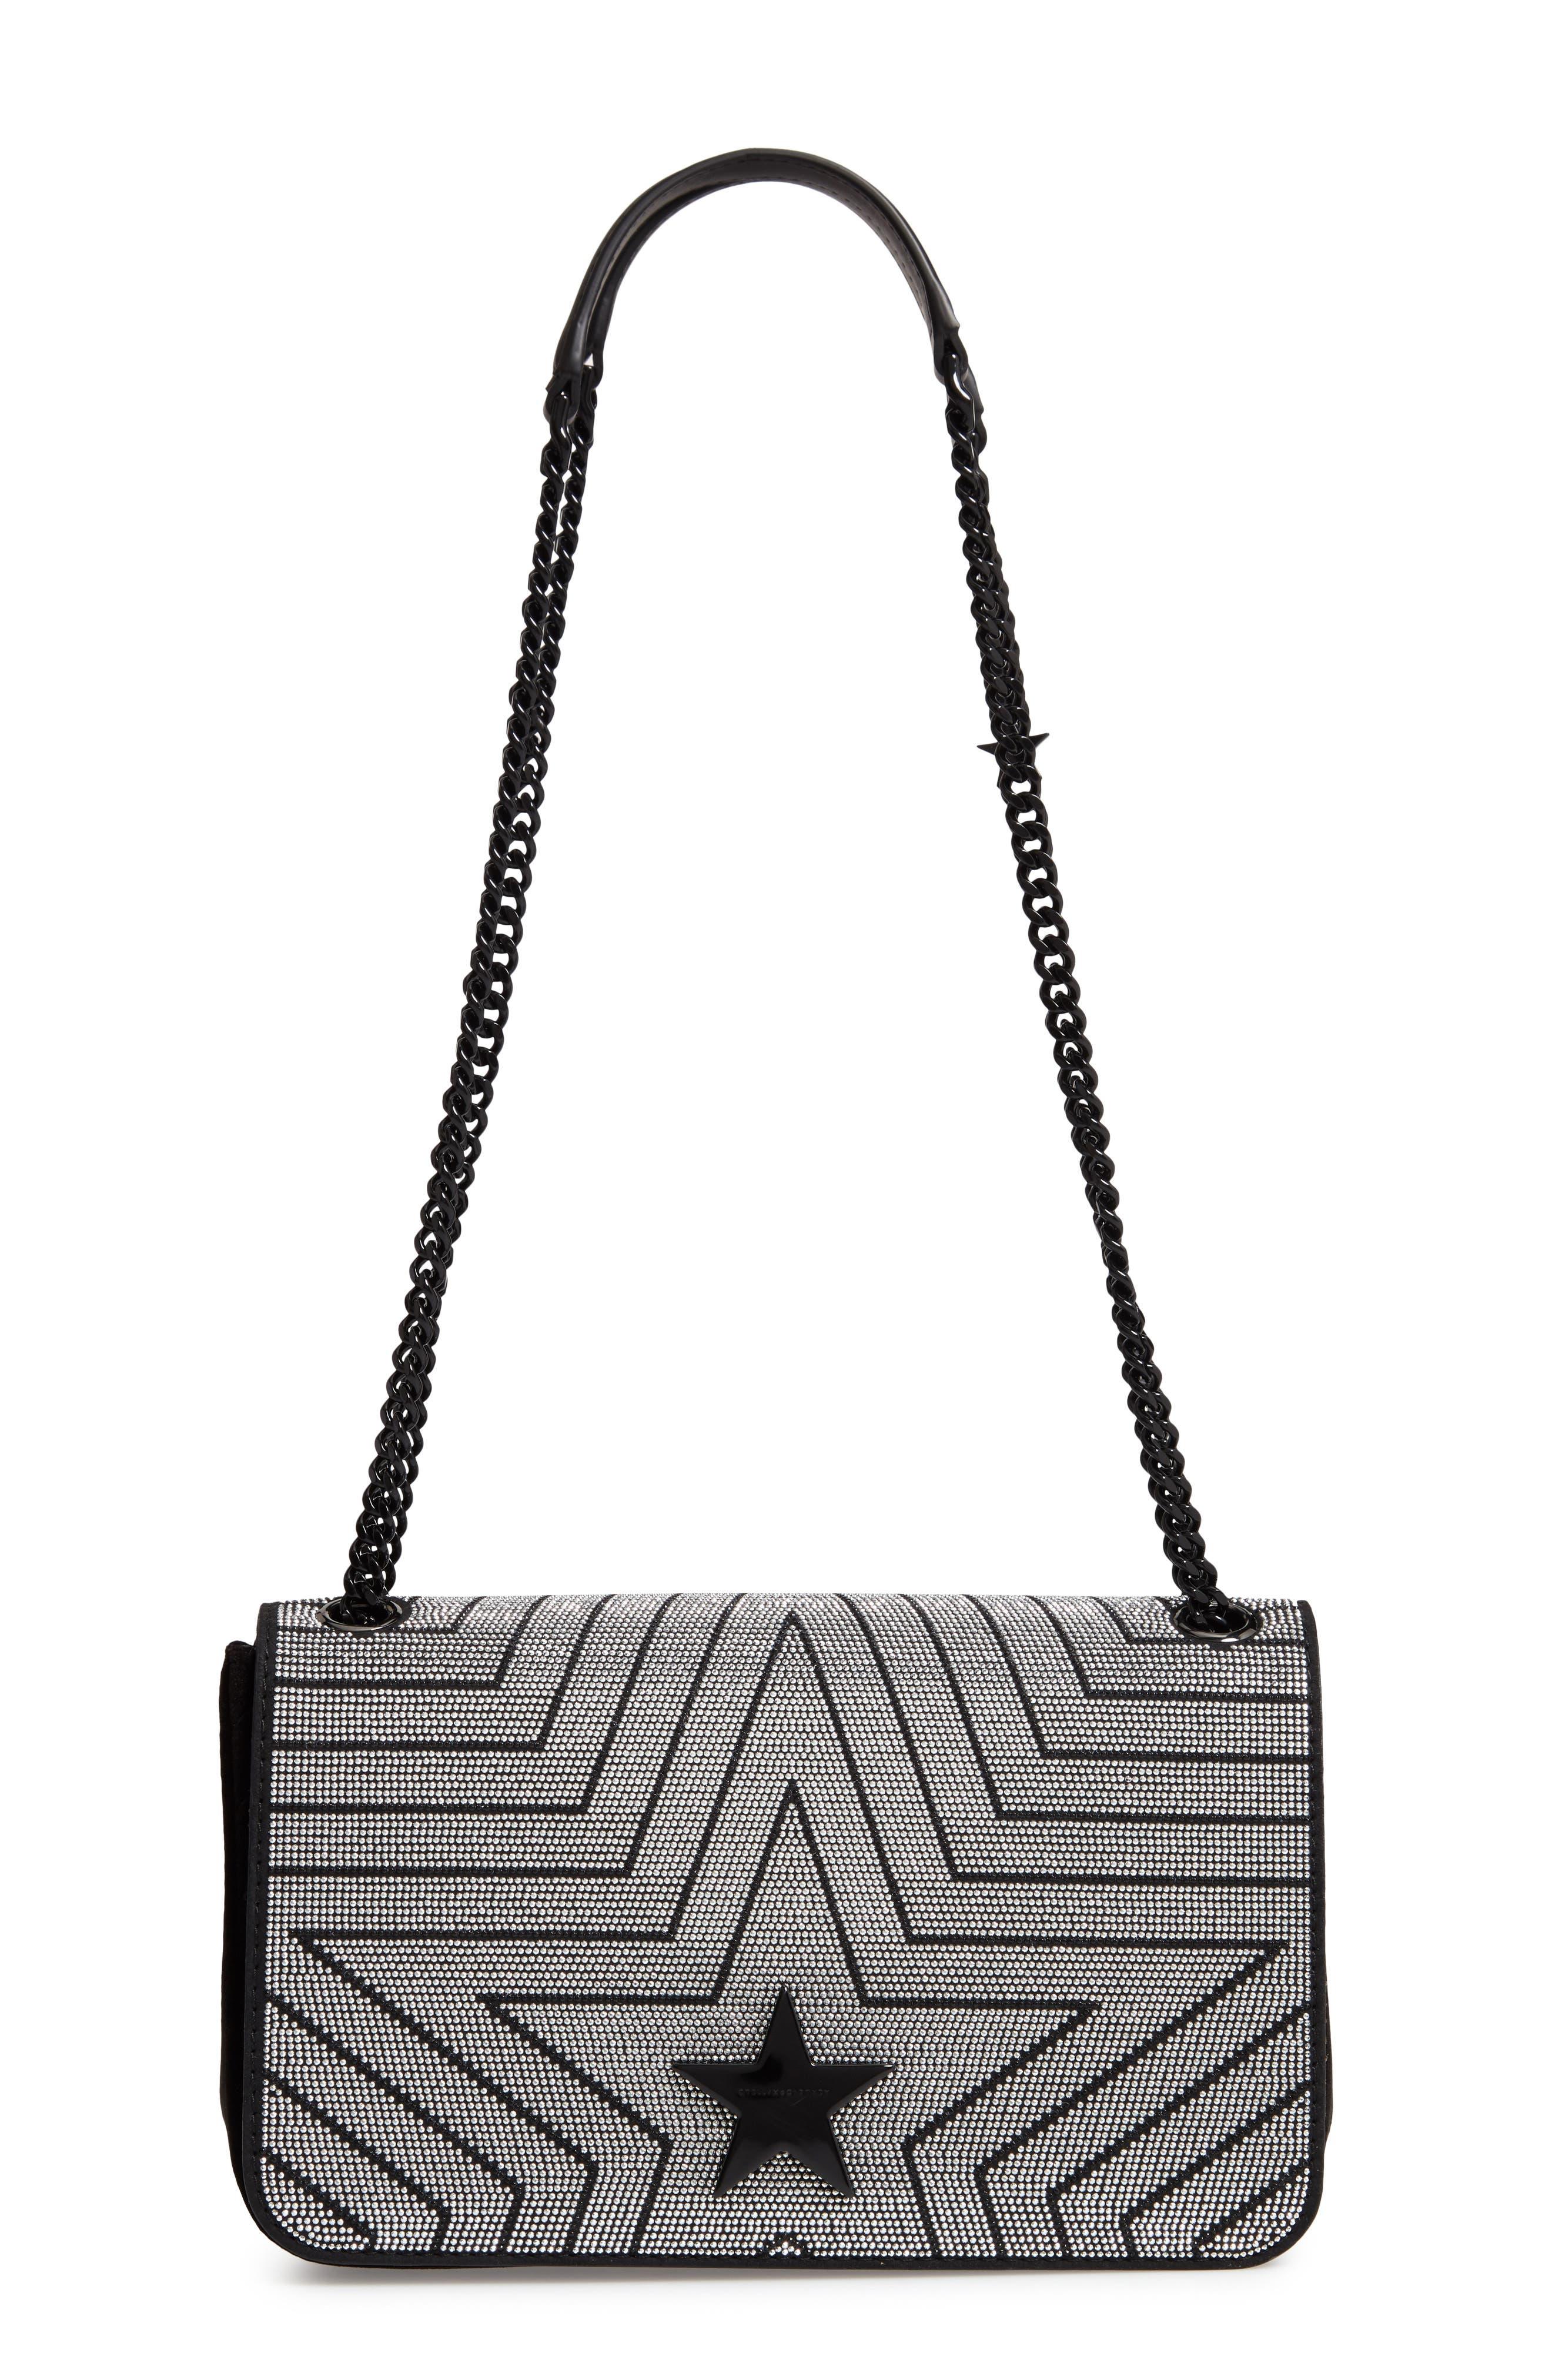 Medium Crystal Star Shoulder Bag,                         Main,                         color, BLACK